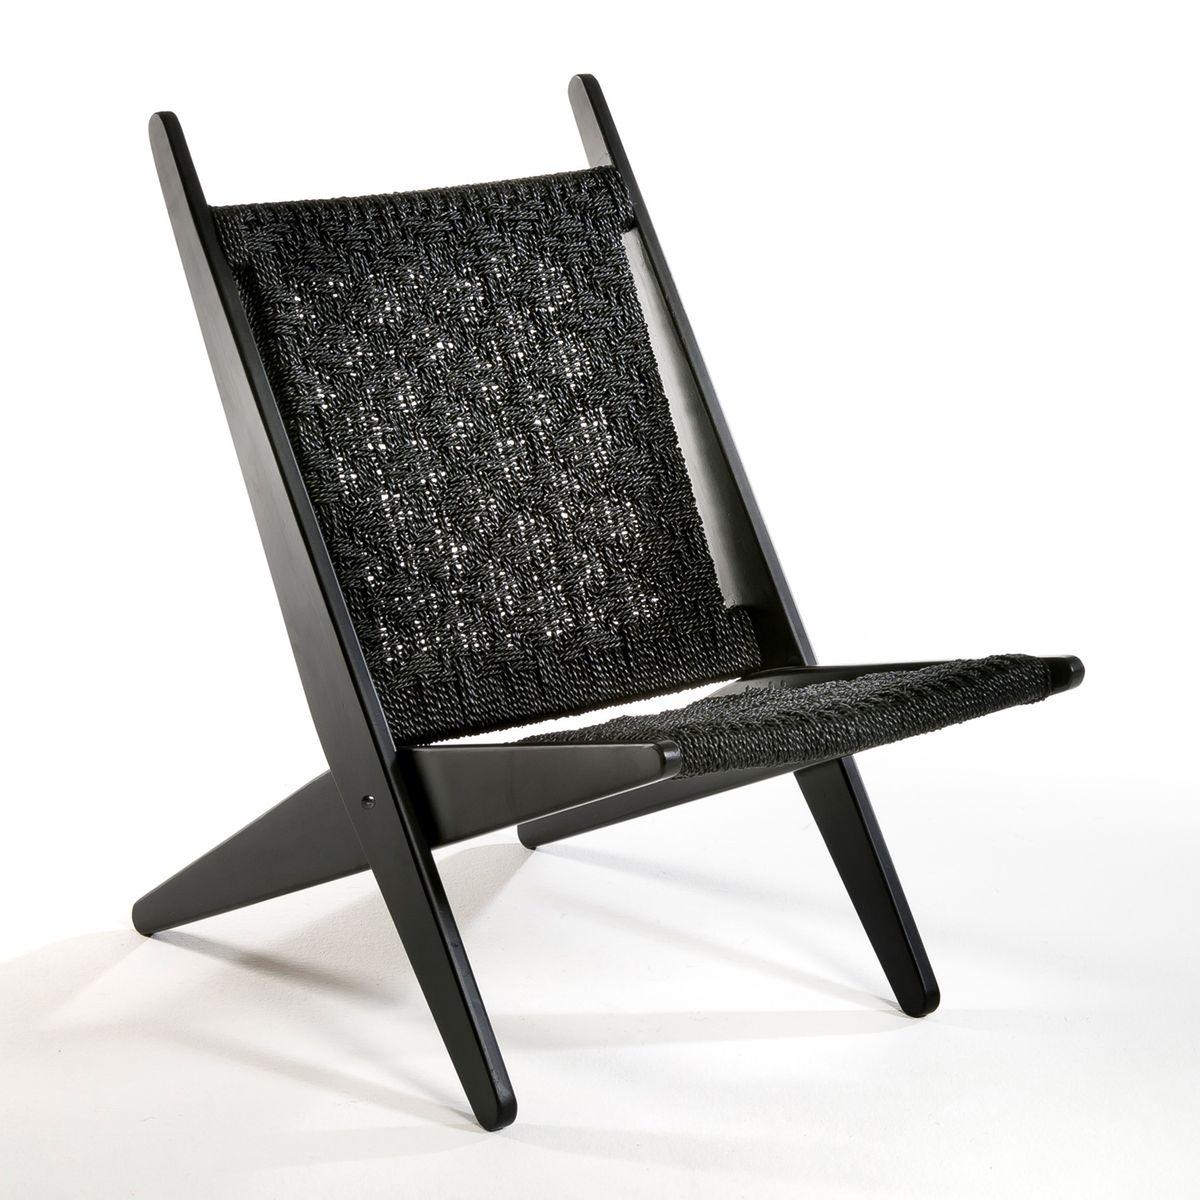 fauteuil pliant ancelie. Black Bedroom Furniture Sets. Home Design Ideas